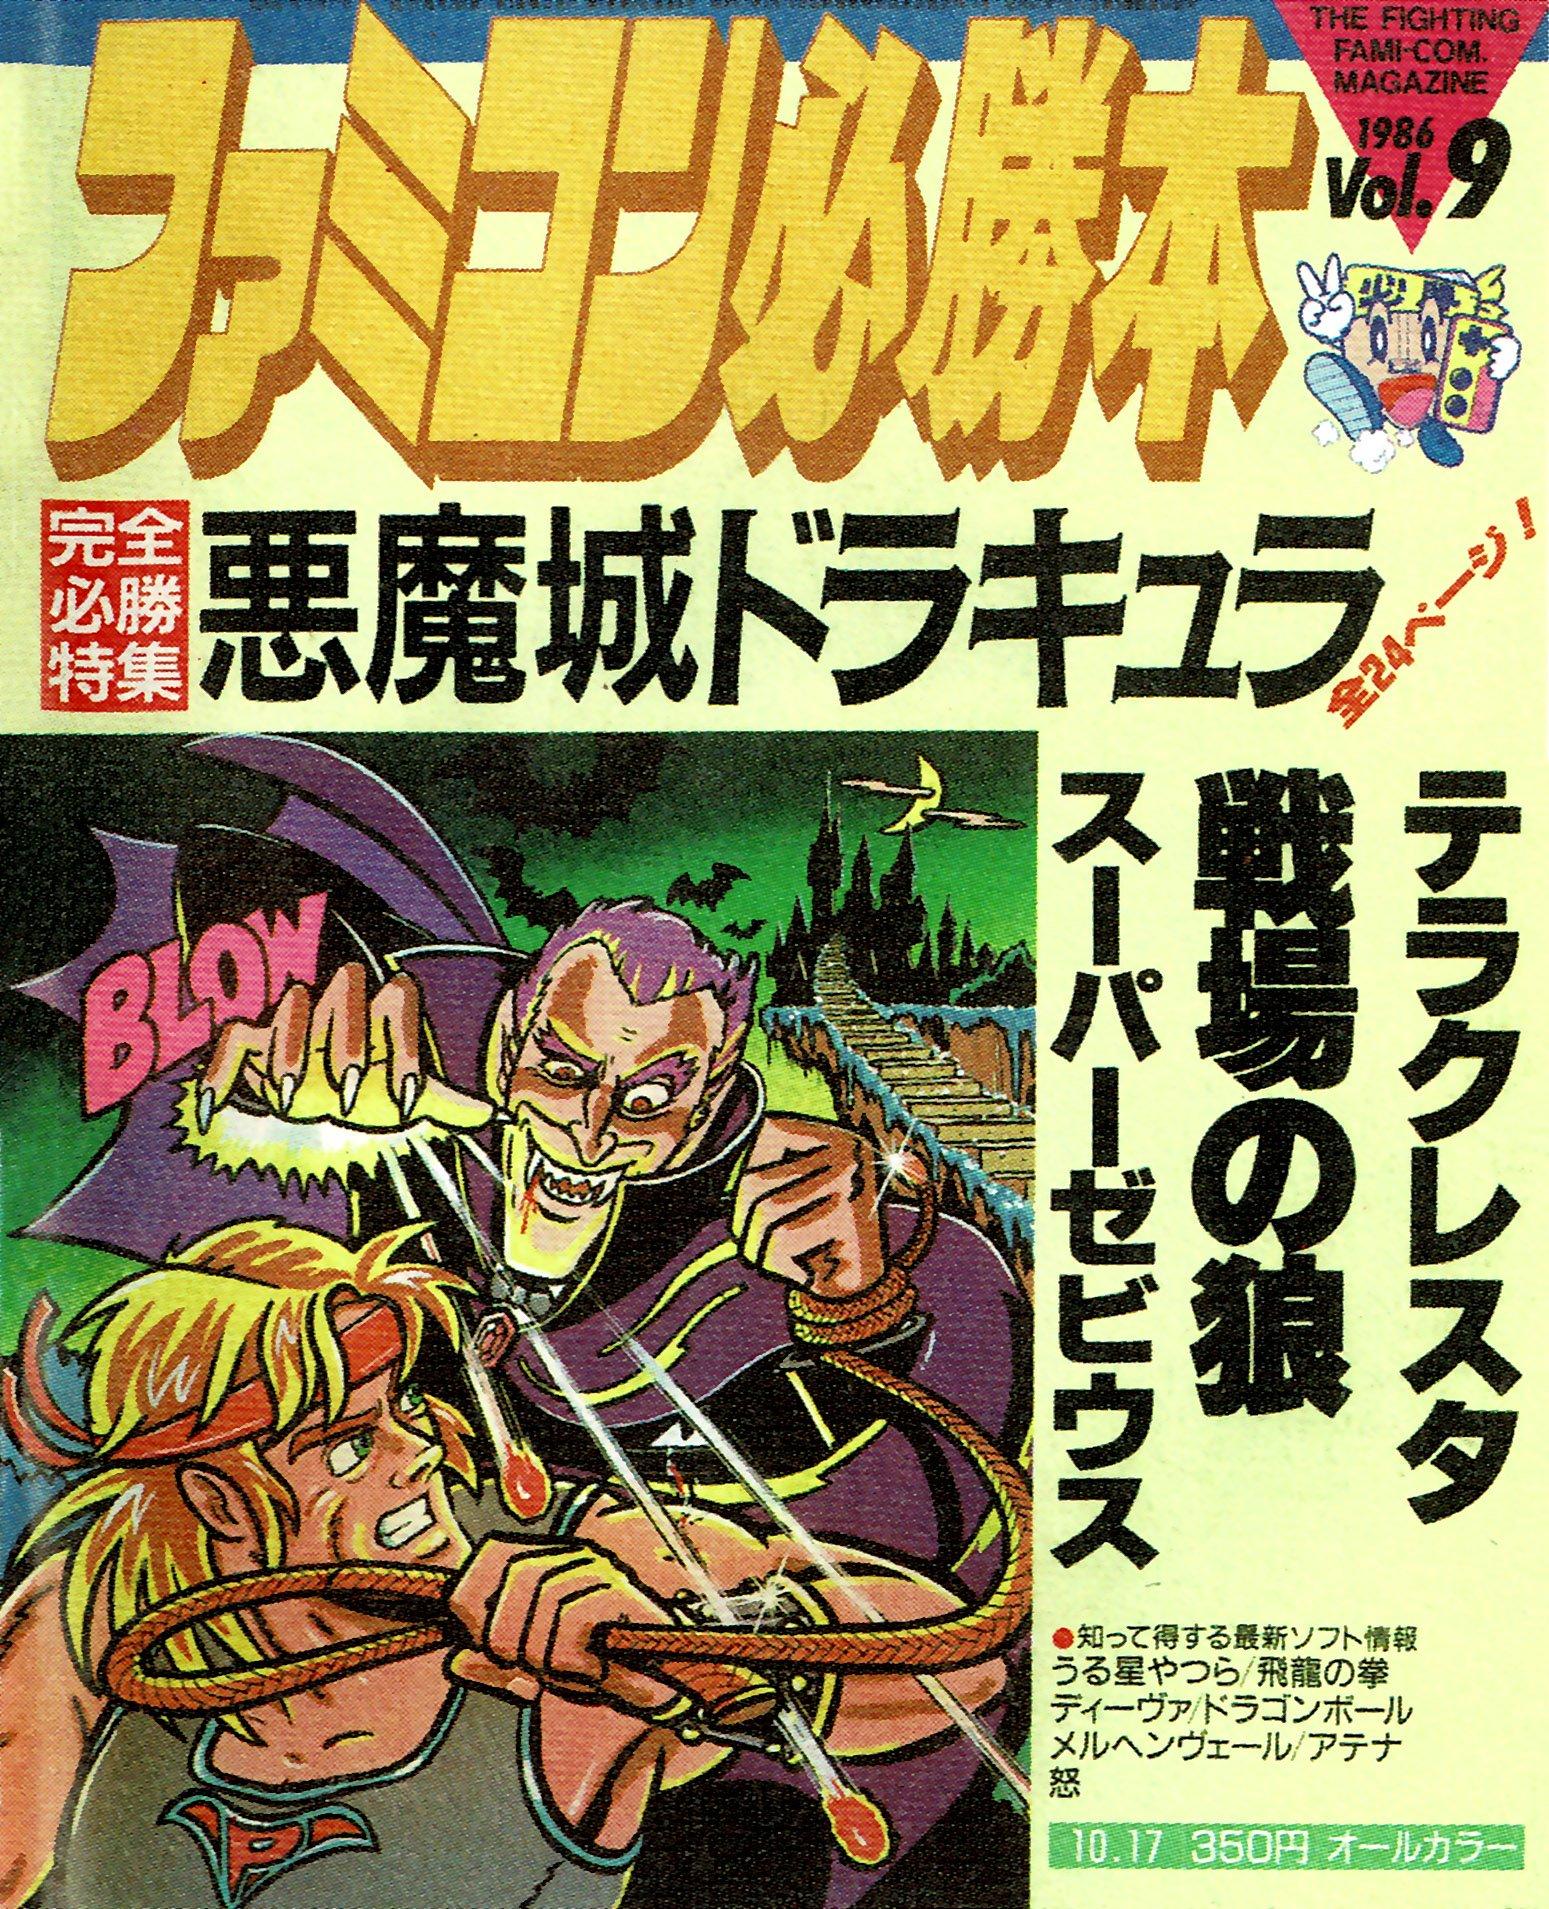 Famicom Hisshoubon Issue 009 (October 17, 1986)